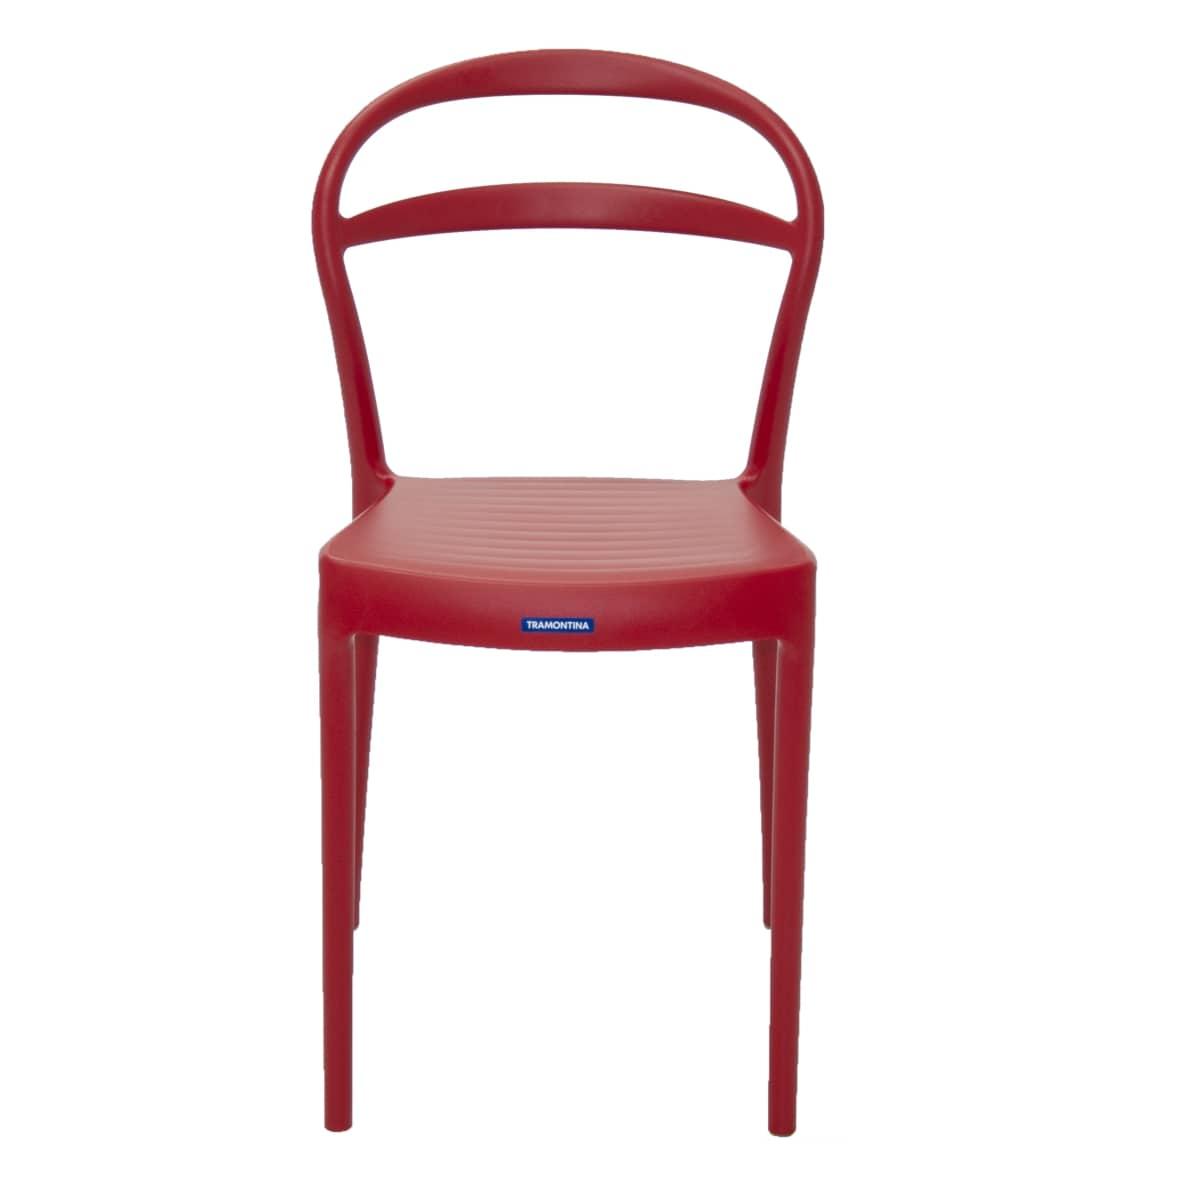 Cadeira Moderna Sem Braços com Encosto Vazado - Tramontina Sissi - Vermelho